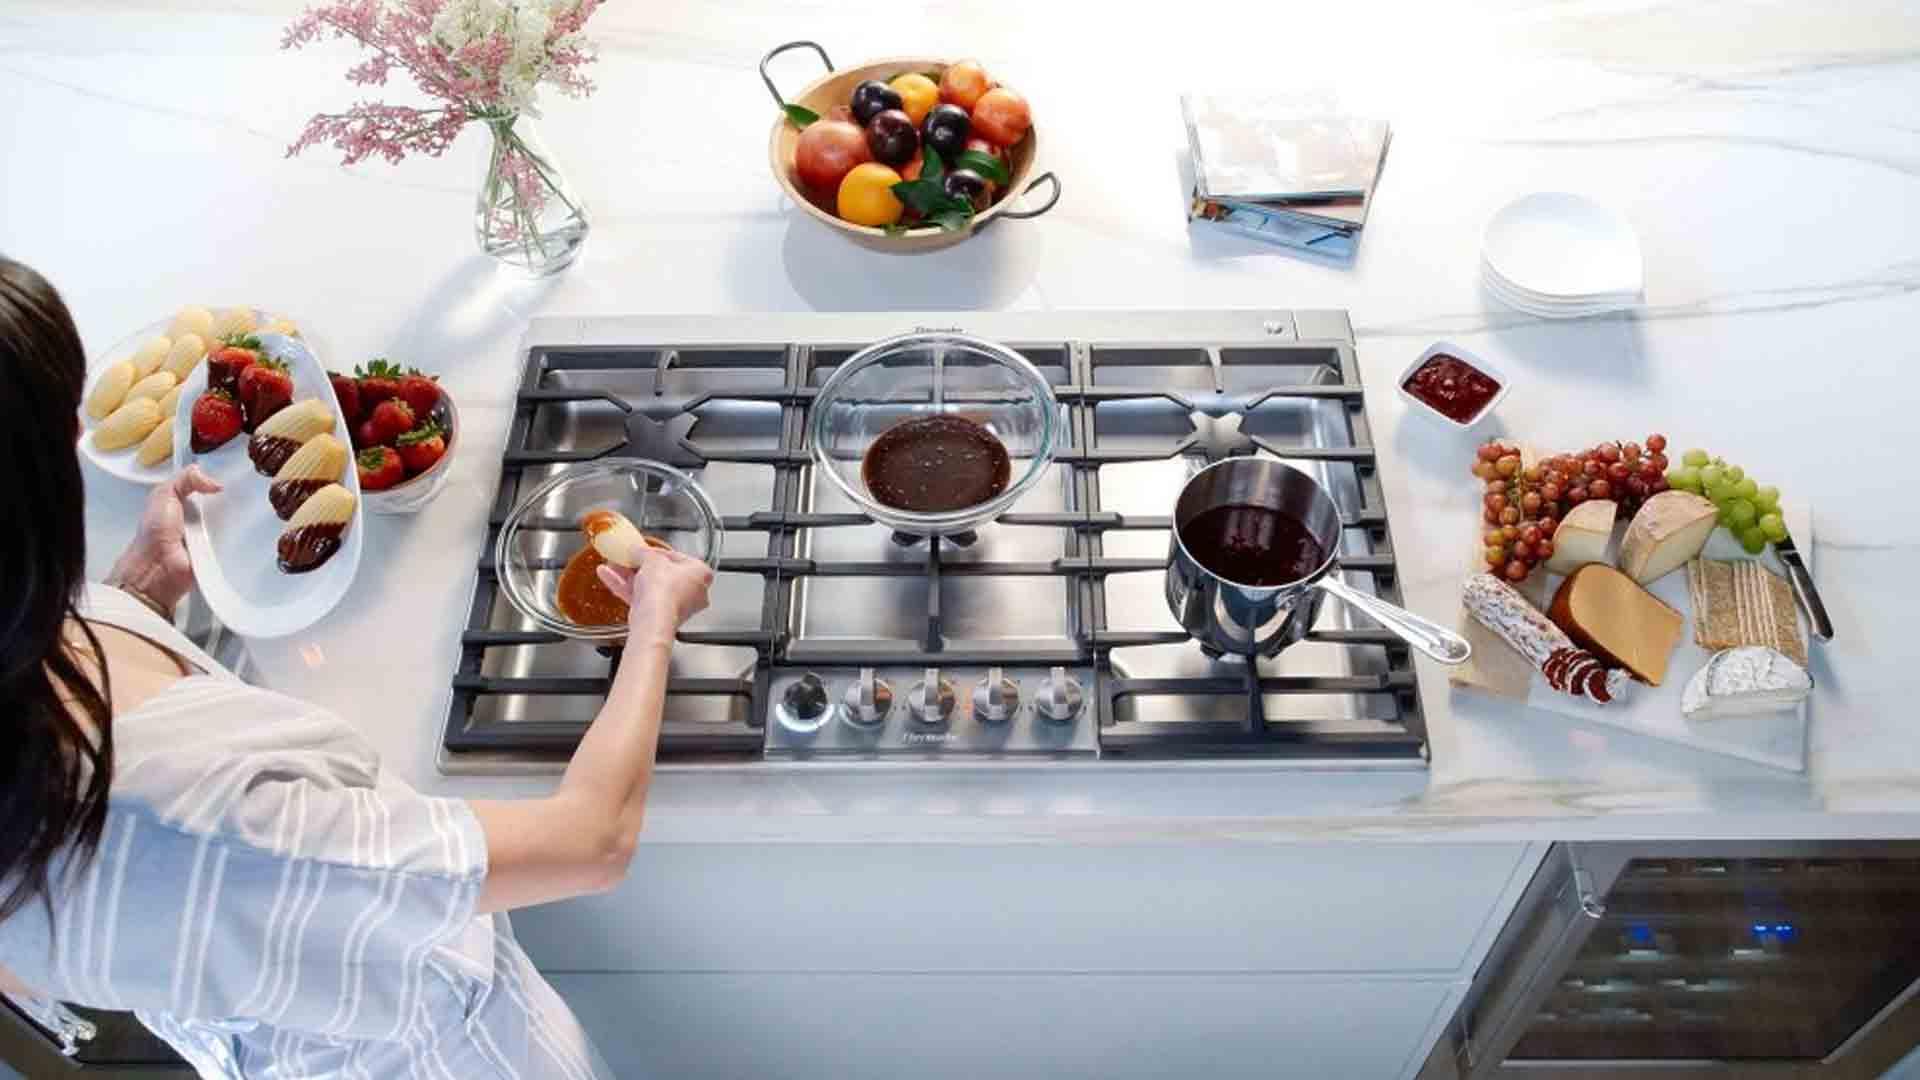 Thermador Gas Cooktop Repair Near Me | Thermador Appliance Repair Pros